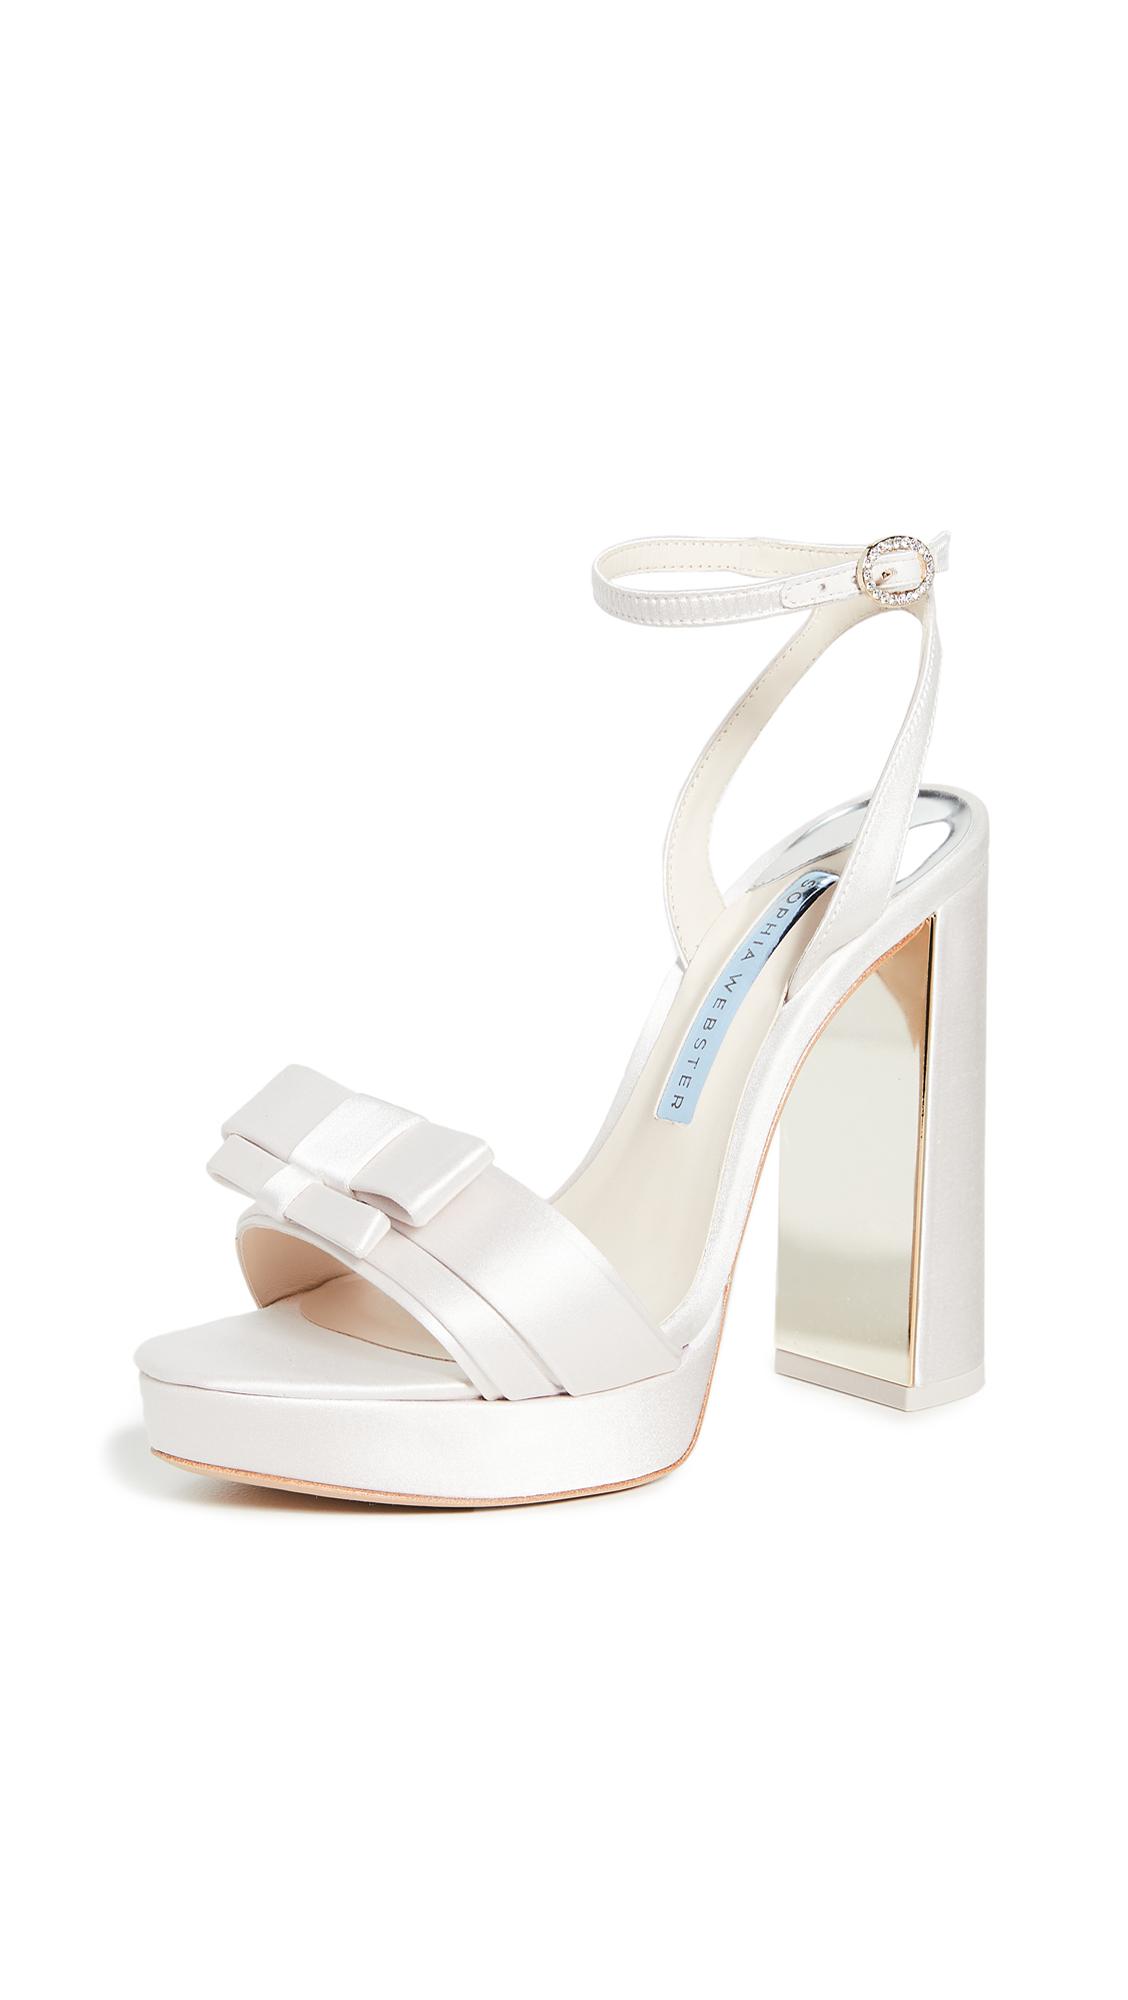 Sophia Webster Andie Bow Platform Sandals - 30% Off Sale